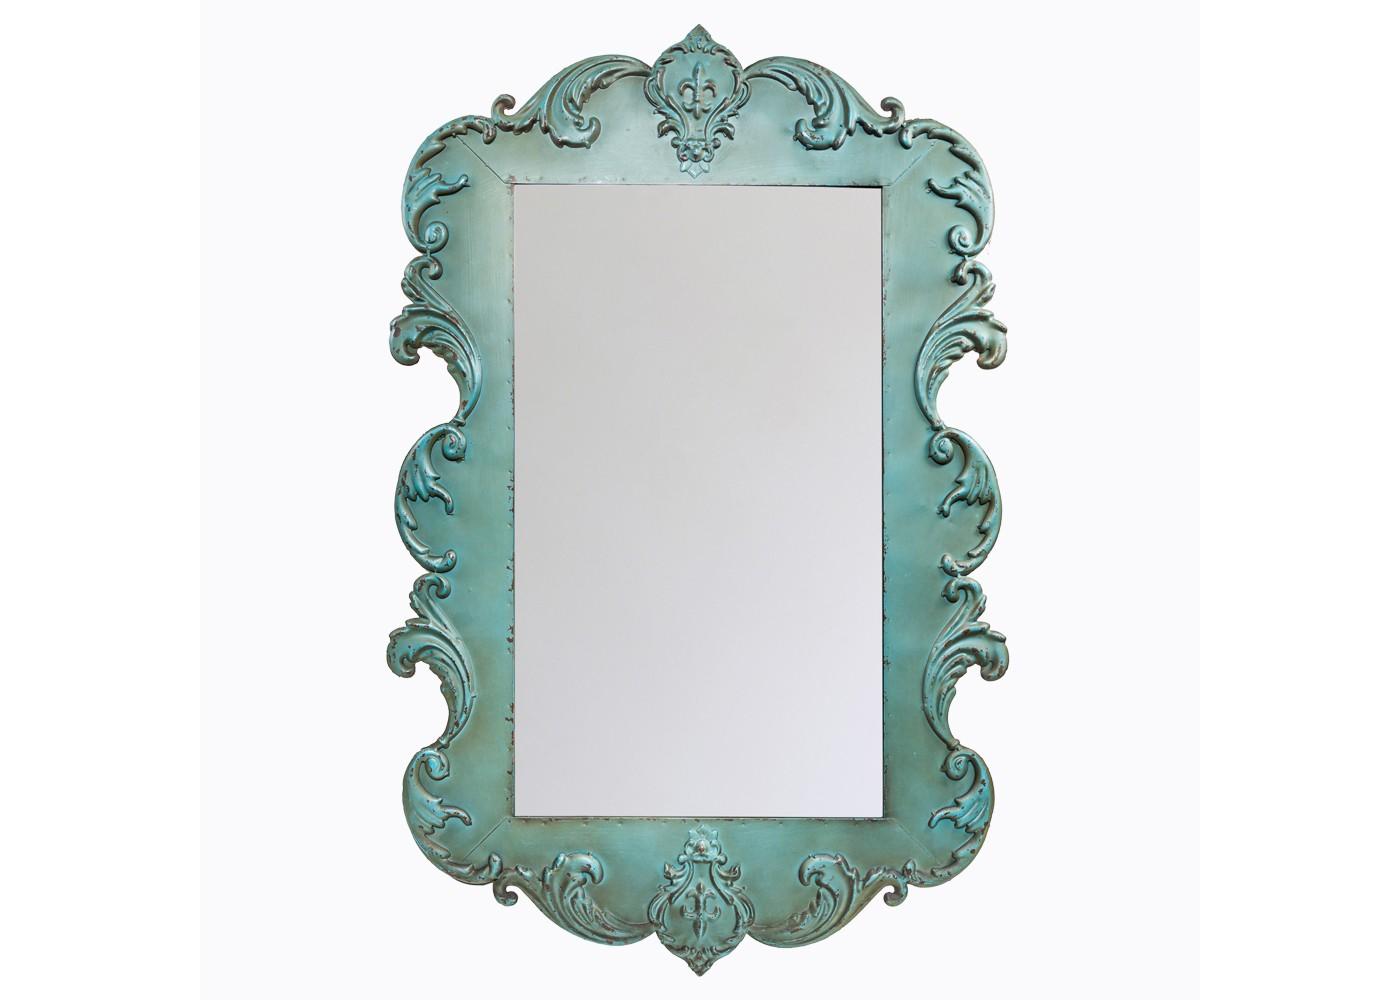 Настенное зеркало «Сезария»Настенные зеркала<br>Зеркало &amp;quot;Сезария&amp;quot; отразит Вас в свете привилегированного &amp;quot;колониального&amp;quot; стиля. Этот жанр всегда считался избранным с точки зрения дорогих материалов и их филигранной обработки. Зато его художественные детали совместимы с большинством мейджор-стилей, от дворцового классицизма до салонного &amp;quot;ар-деко&amp;quot;. Зеркало &amp;quot;Сезария&amp;quot; придаст интерьеру ноту этнической загадочности и богемного шика. <br>Зеркало &amp;quot;Сезария&amp;quot; уместно в гостиной и столовой, холле и прихожей, кабинете и спальне.<br>Ярко выраженный стиль превращает бытовой предмет в статное интерьерное украшение. <br>Зеркала, покрытые серебряной амальгамой, обладают идеально ровной поверхностью, не боятся влаги и ультрафиолетовых лучей, не подвержены коррозии.<br>Искусный эффект старения - не только дань моде, но и справедливый намек на исключительную долговечность. <br>Металлические рамы прочны и неприхотливы в уходе. Вы можете смело пользоваться чистящими средствами для зеркала, не опасаясь повредить раму.<br>Размер: 60?92,5?2,5 см<br><br>Material: Металл<br>Глубина см: 2